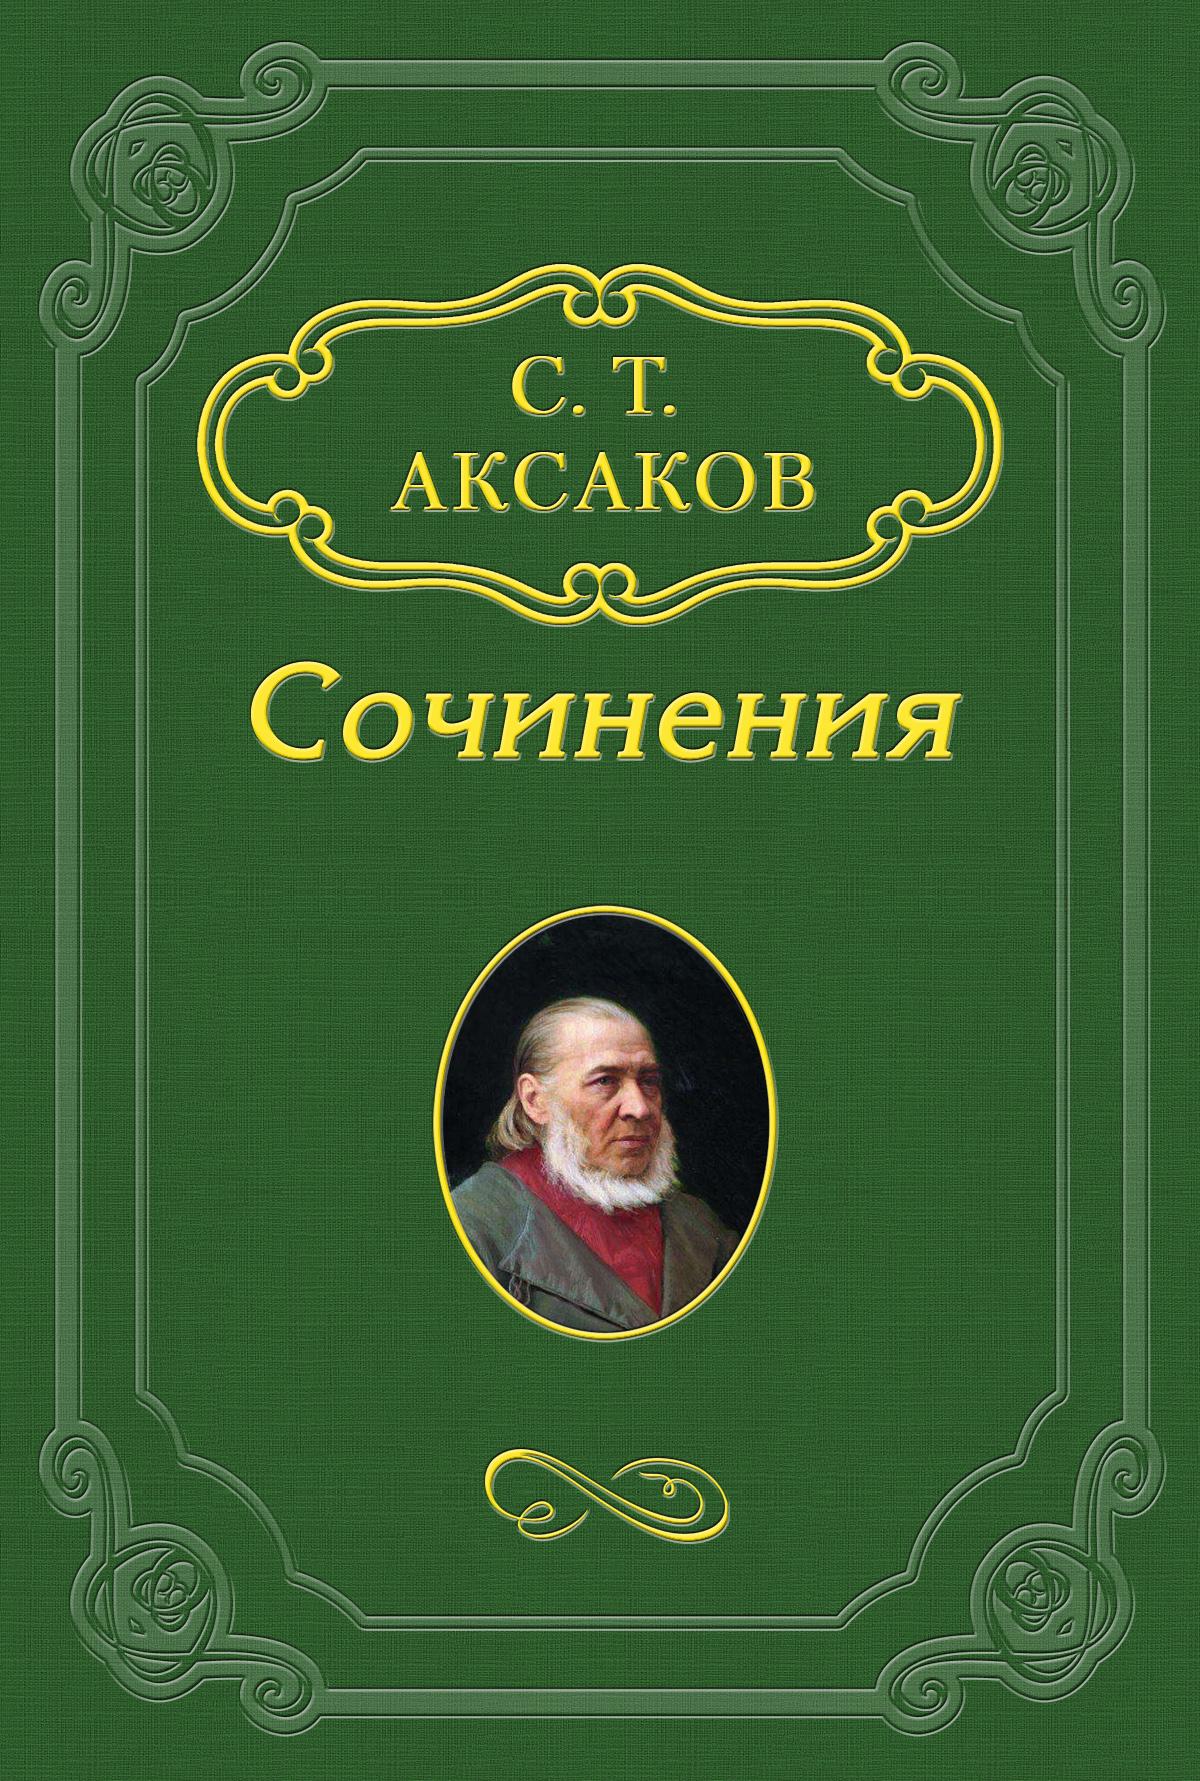 Сергей Аксаков Ловля мелких зверьков